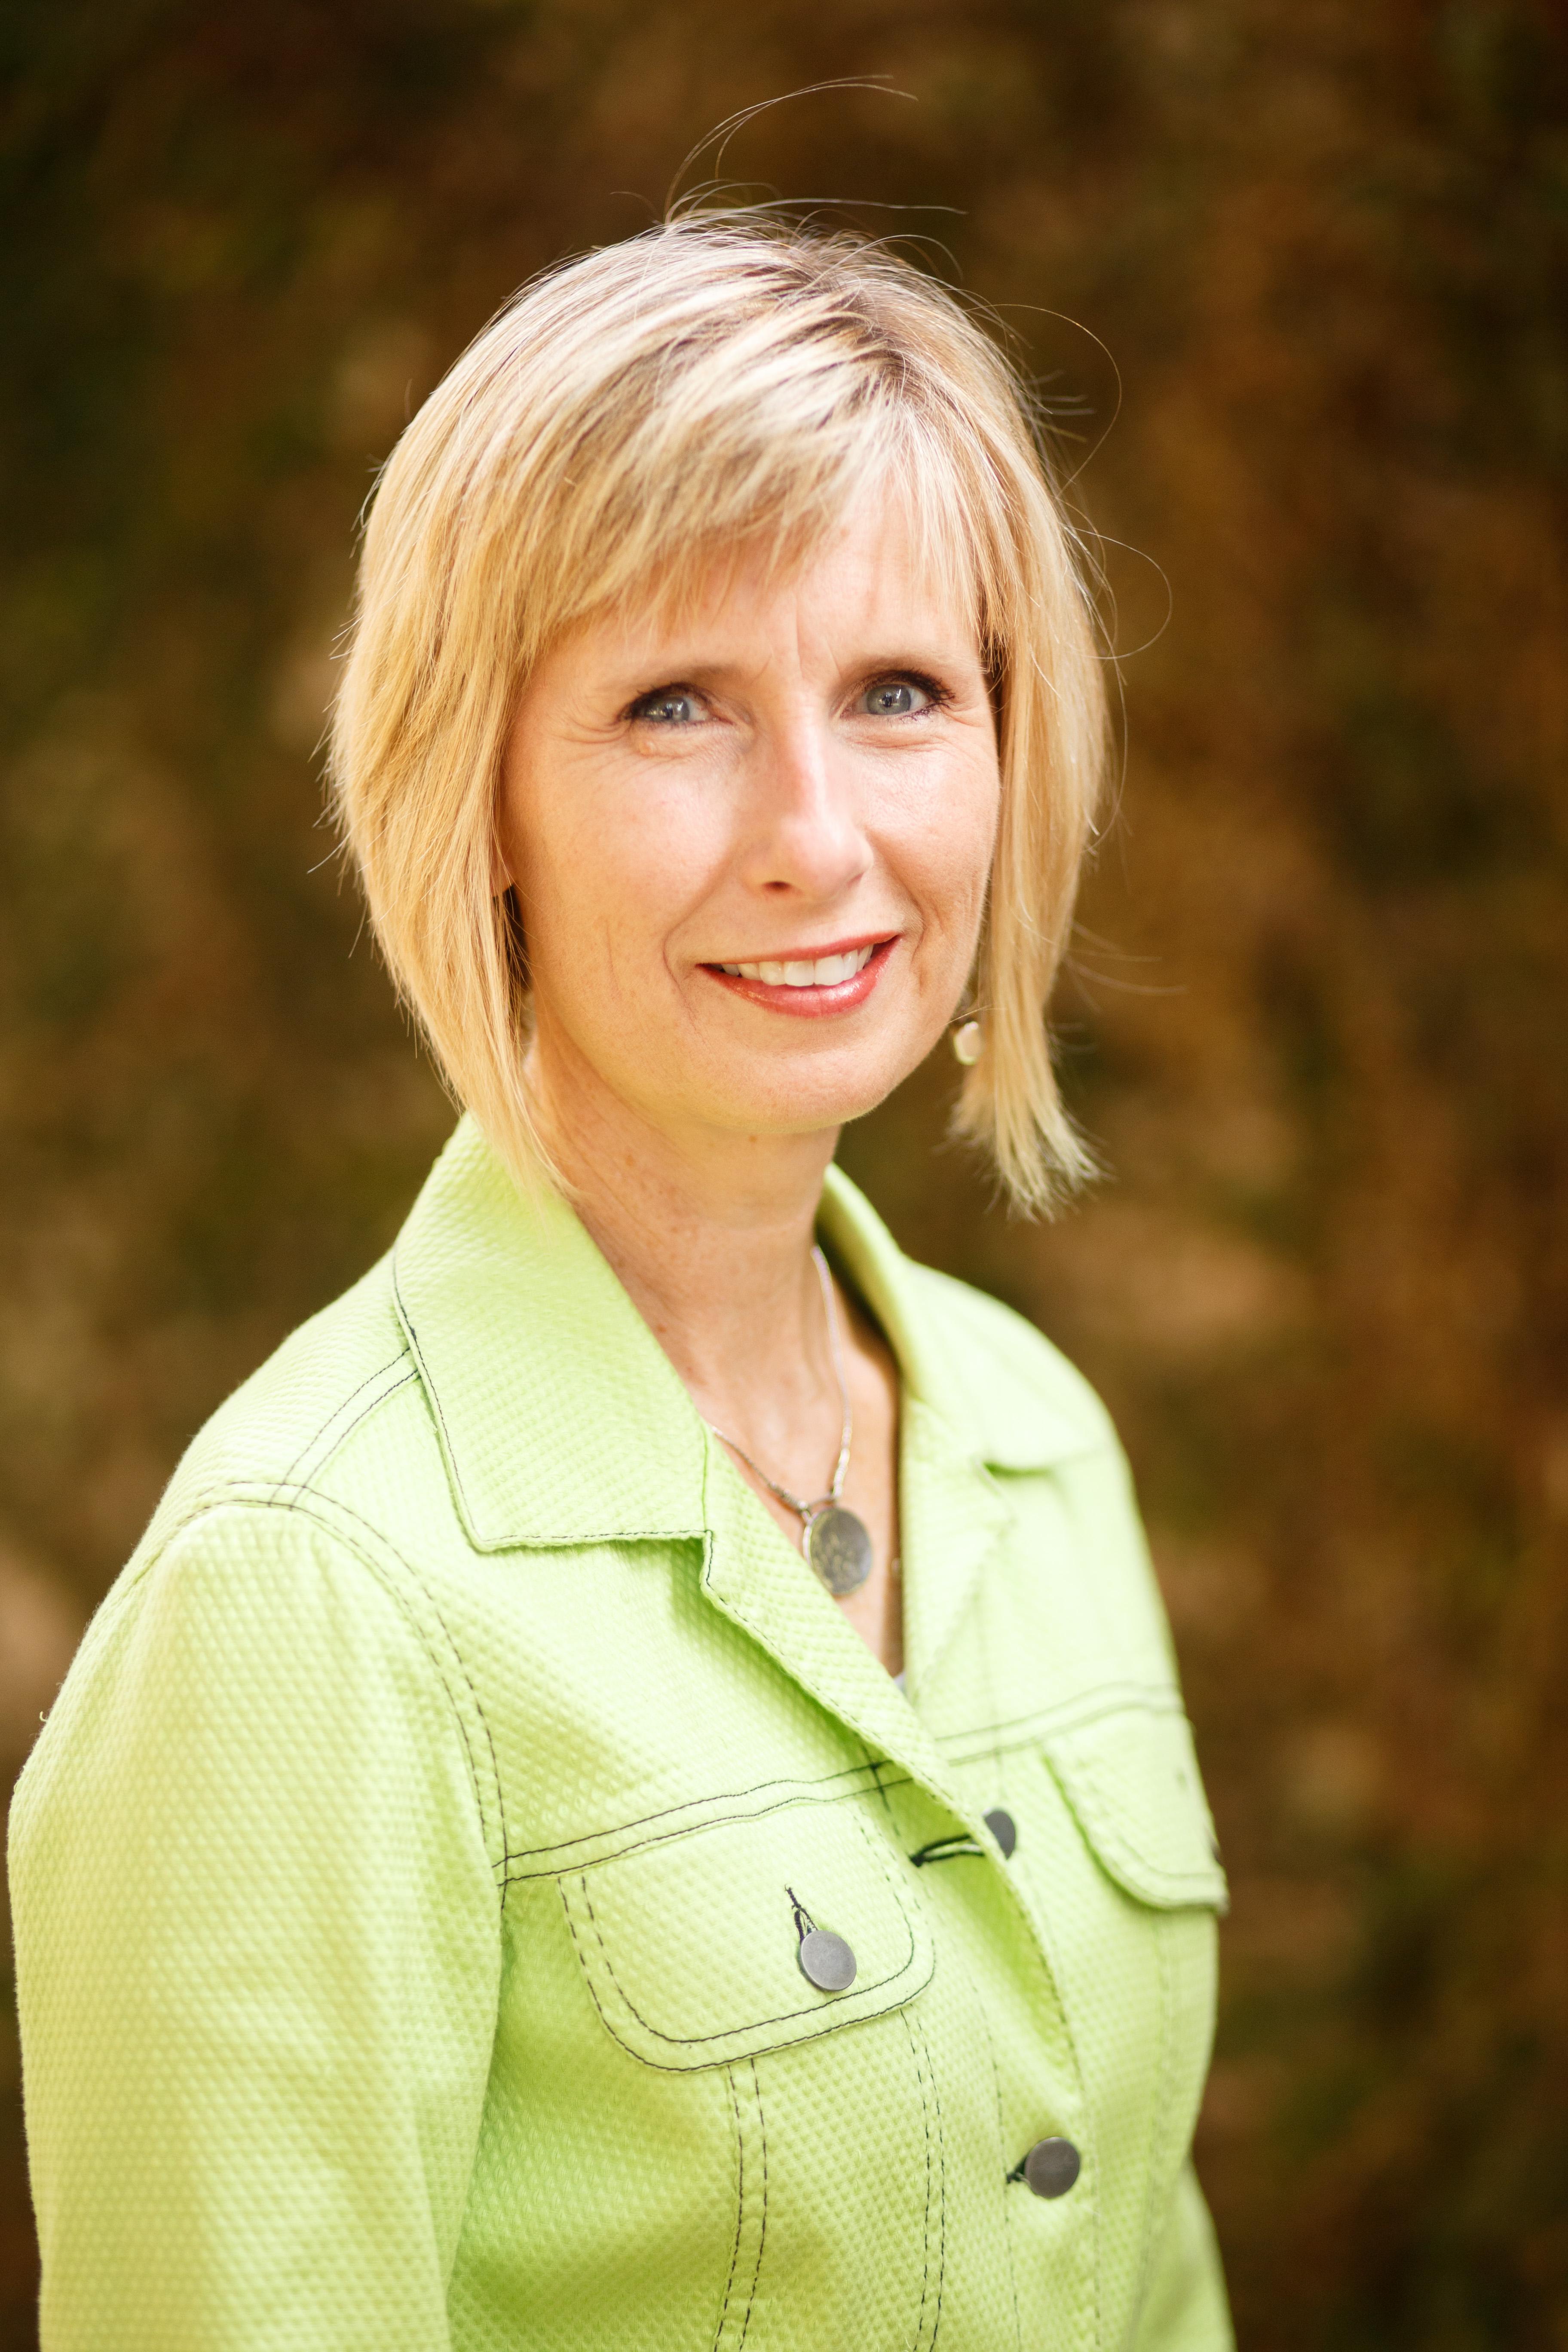 Belinda Reininger, DrPH, MPH